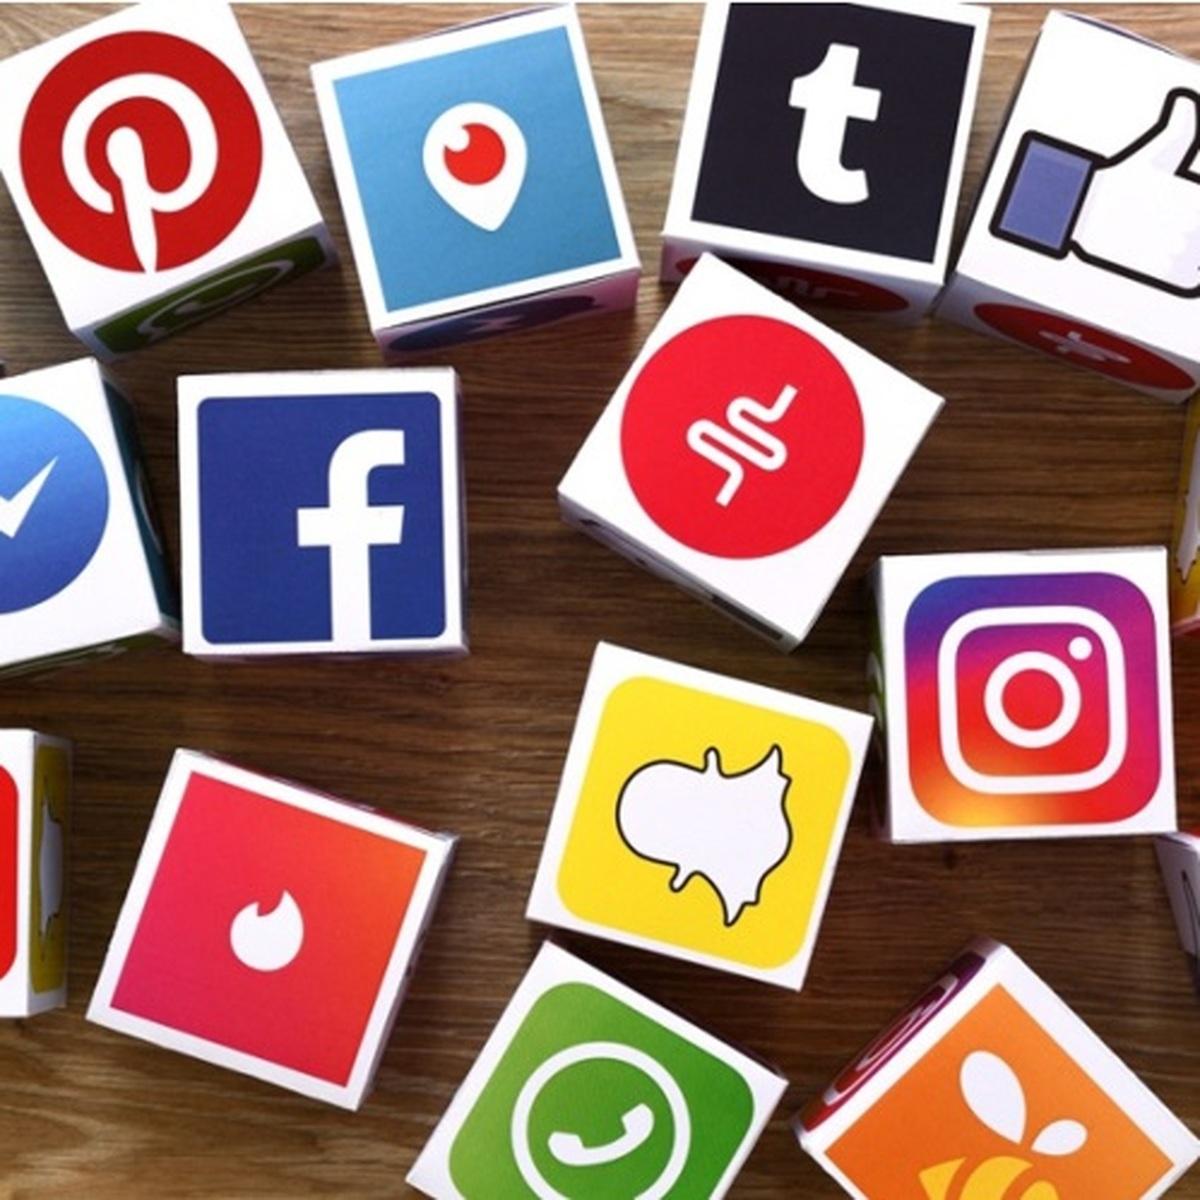 شبکه های اجتماعی برای توسعه کسب و کارها